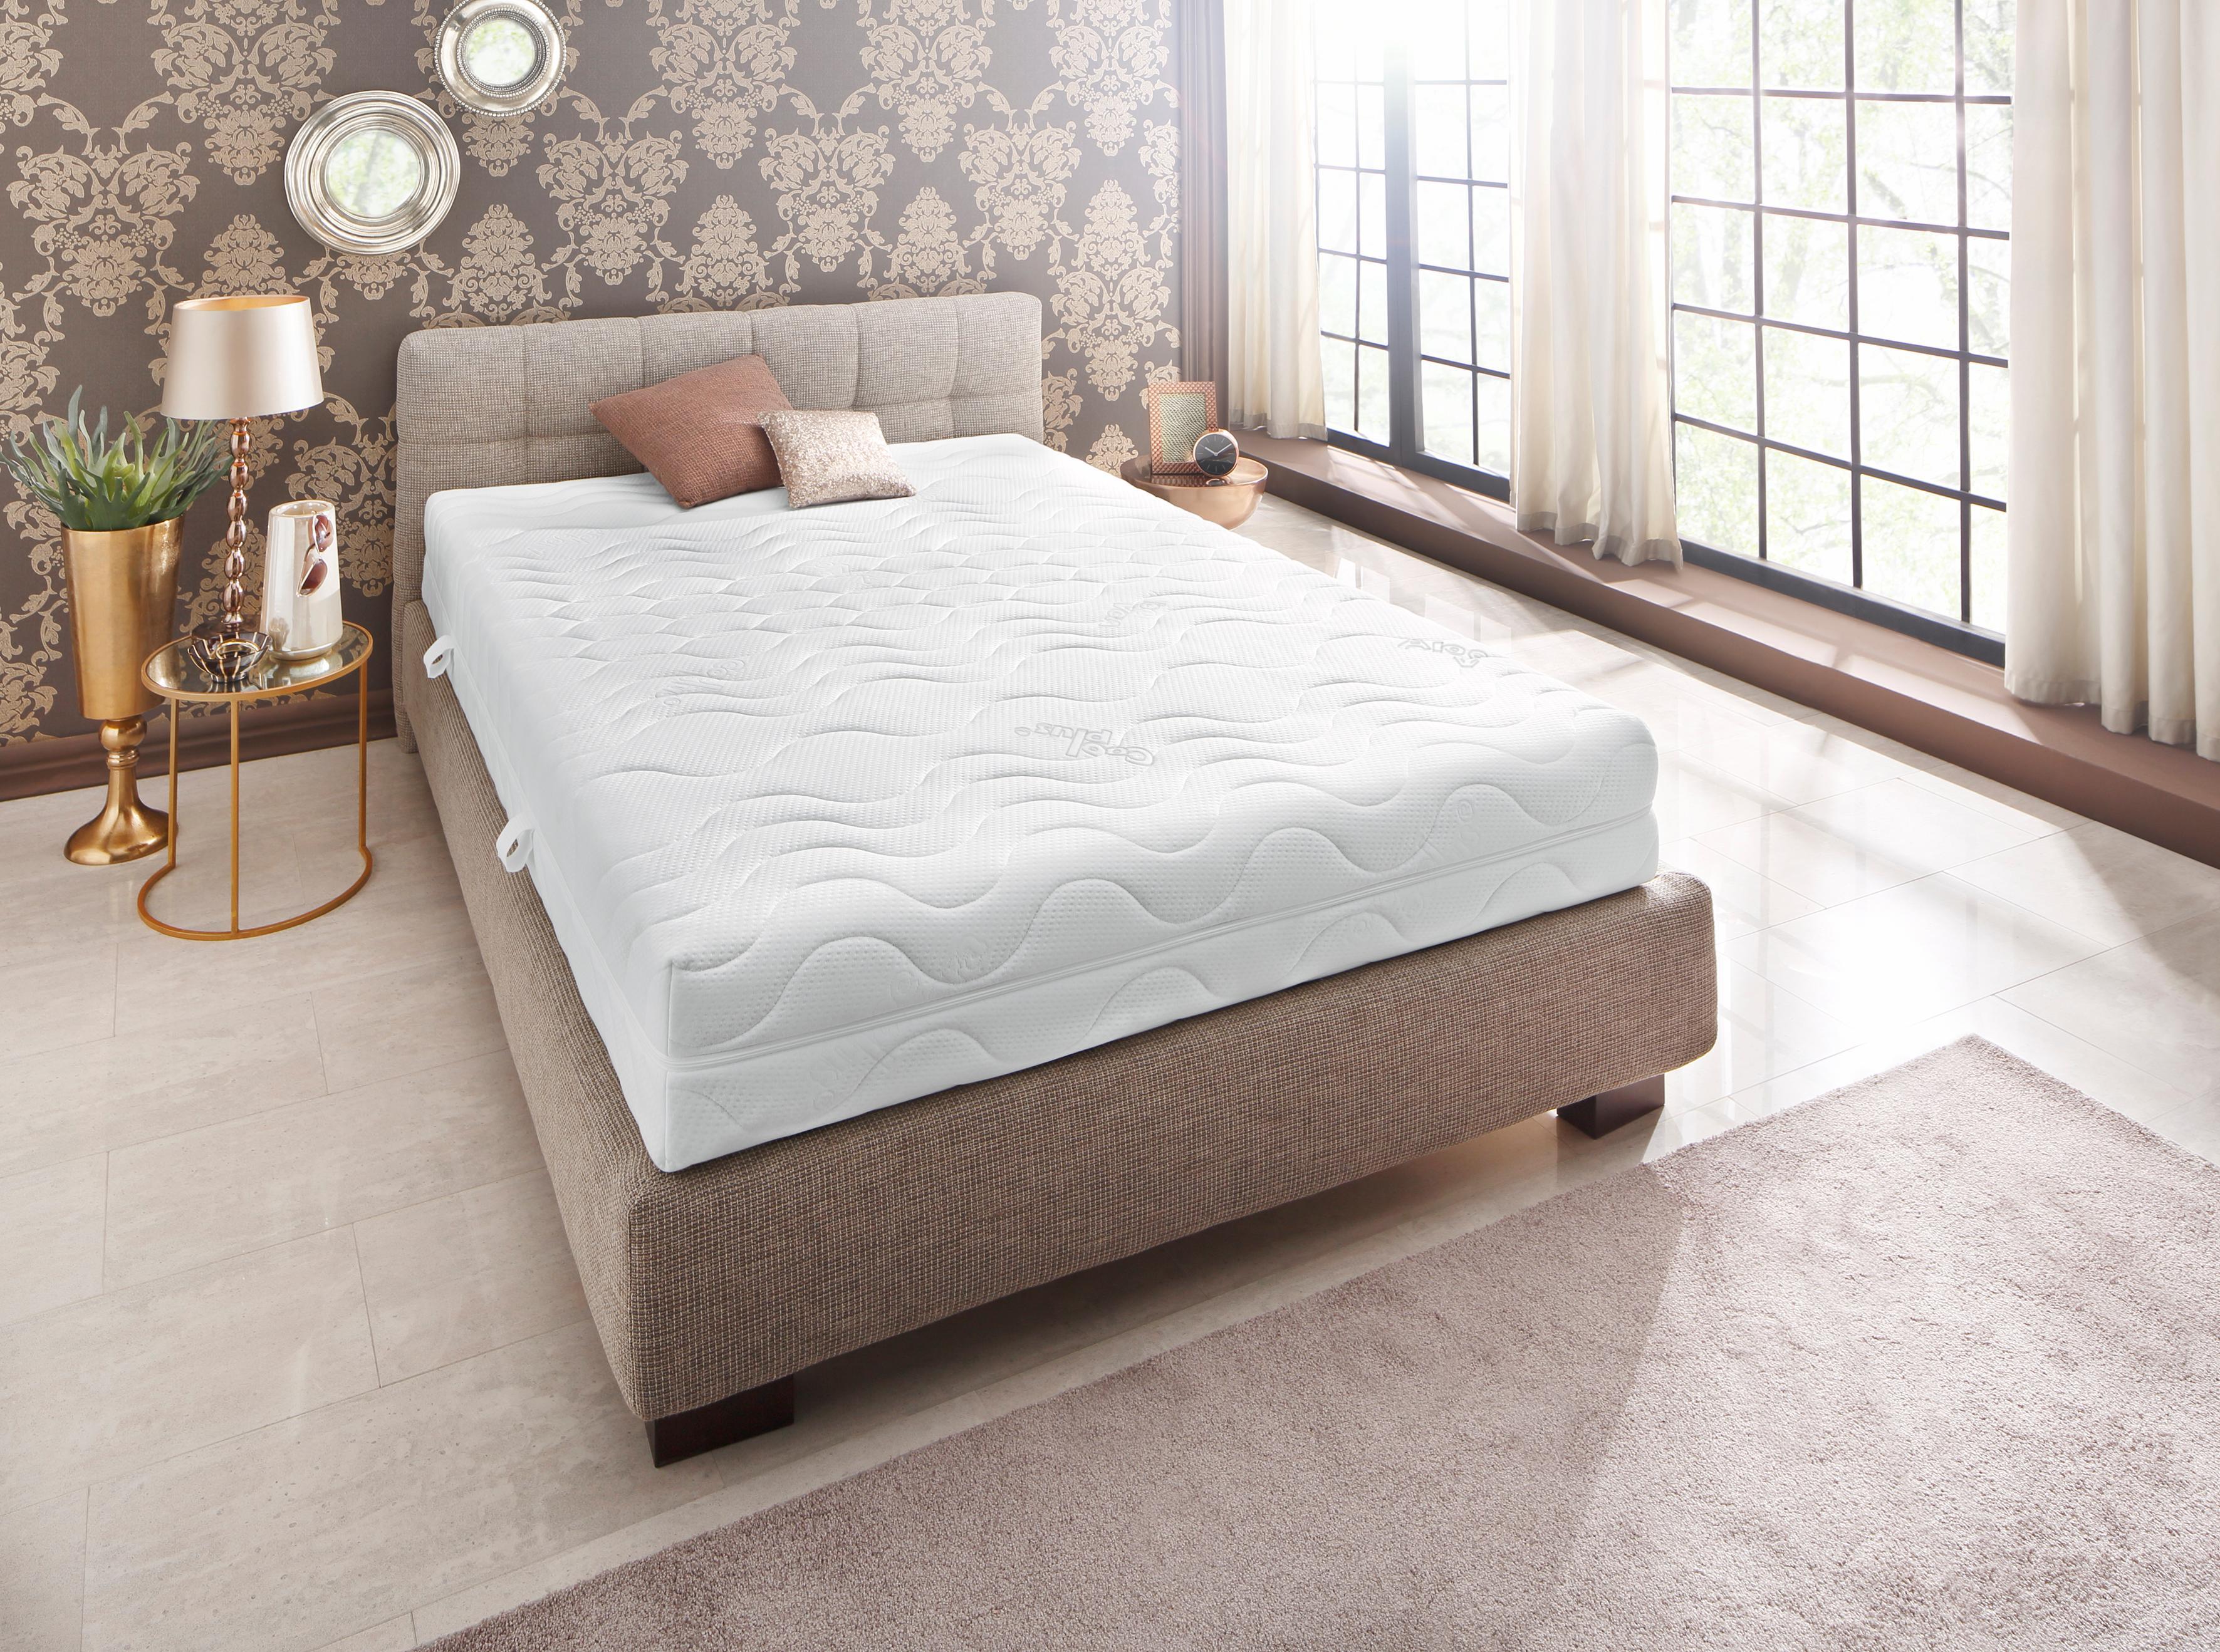 Komfortschaummatratze Premium Cool Plus Beco 25 cm hoch